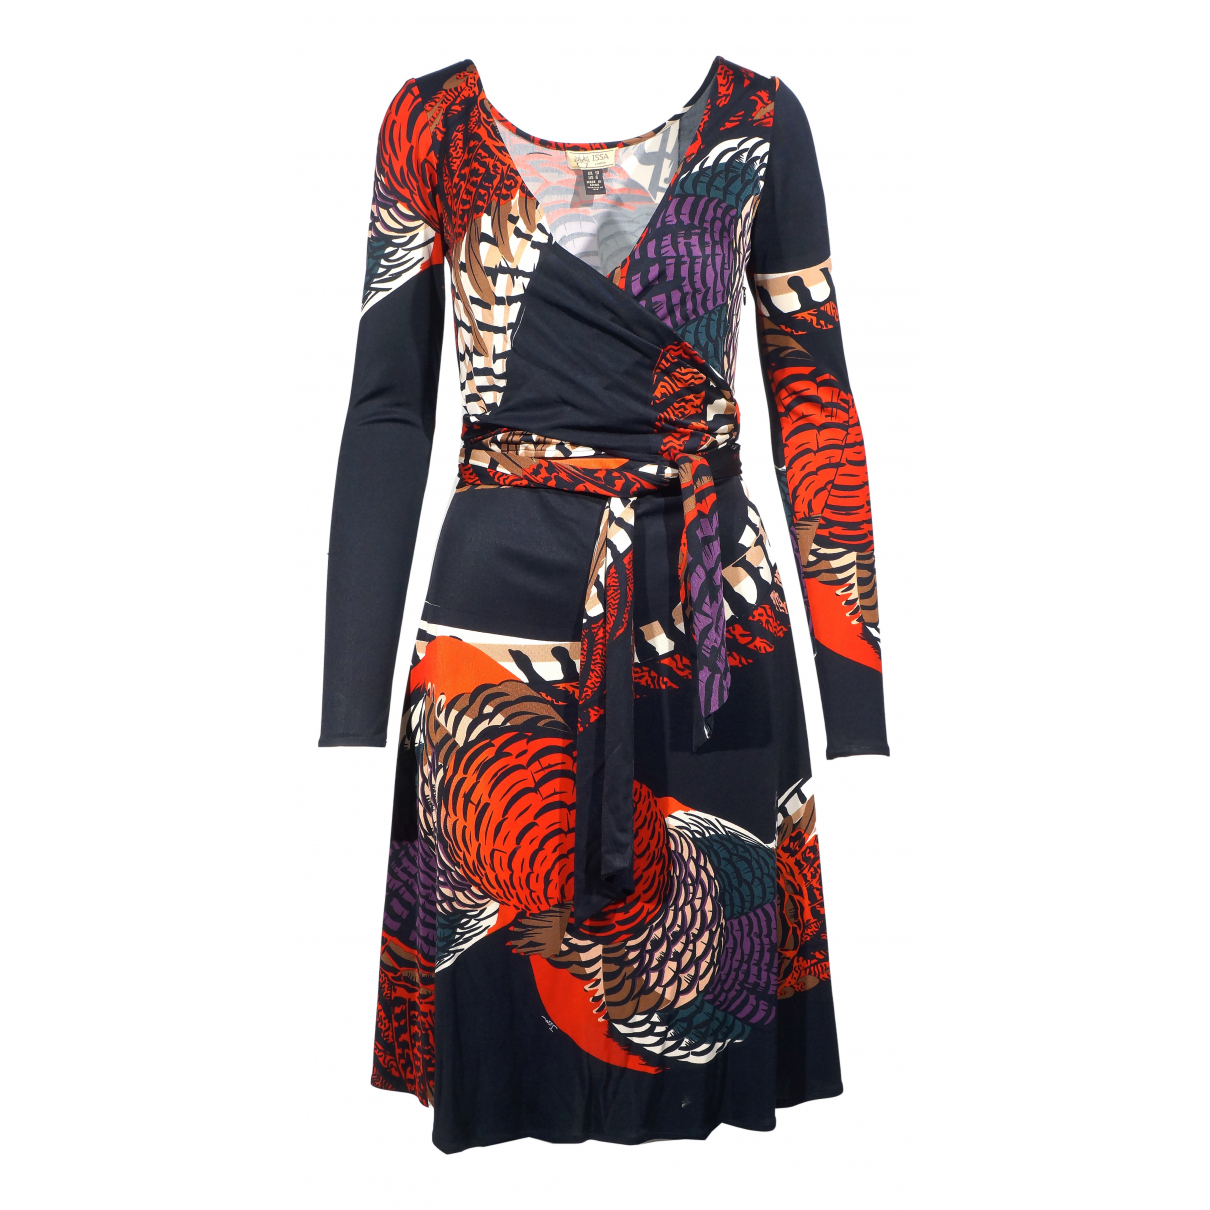 Issa \N Kleid in  Schwarz Seide